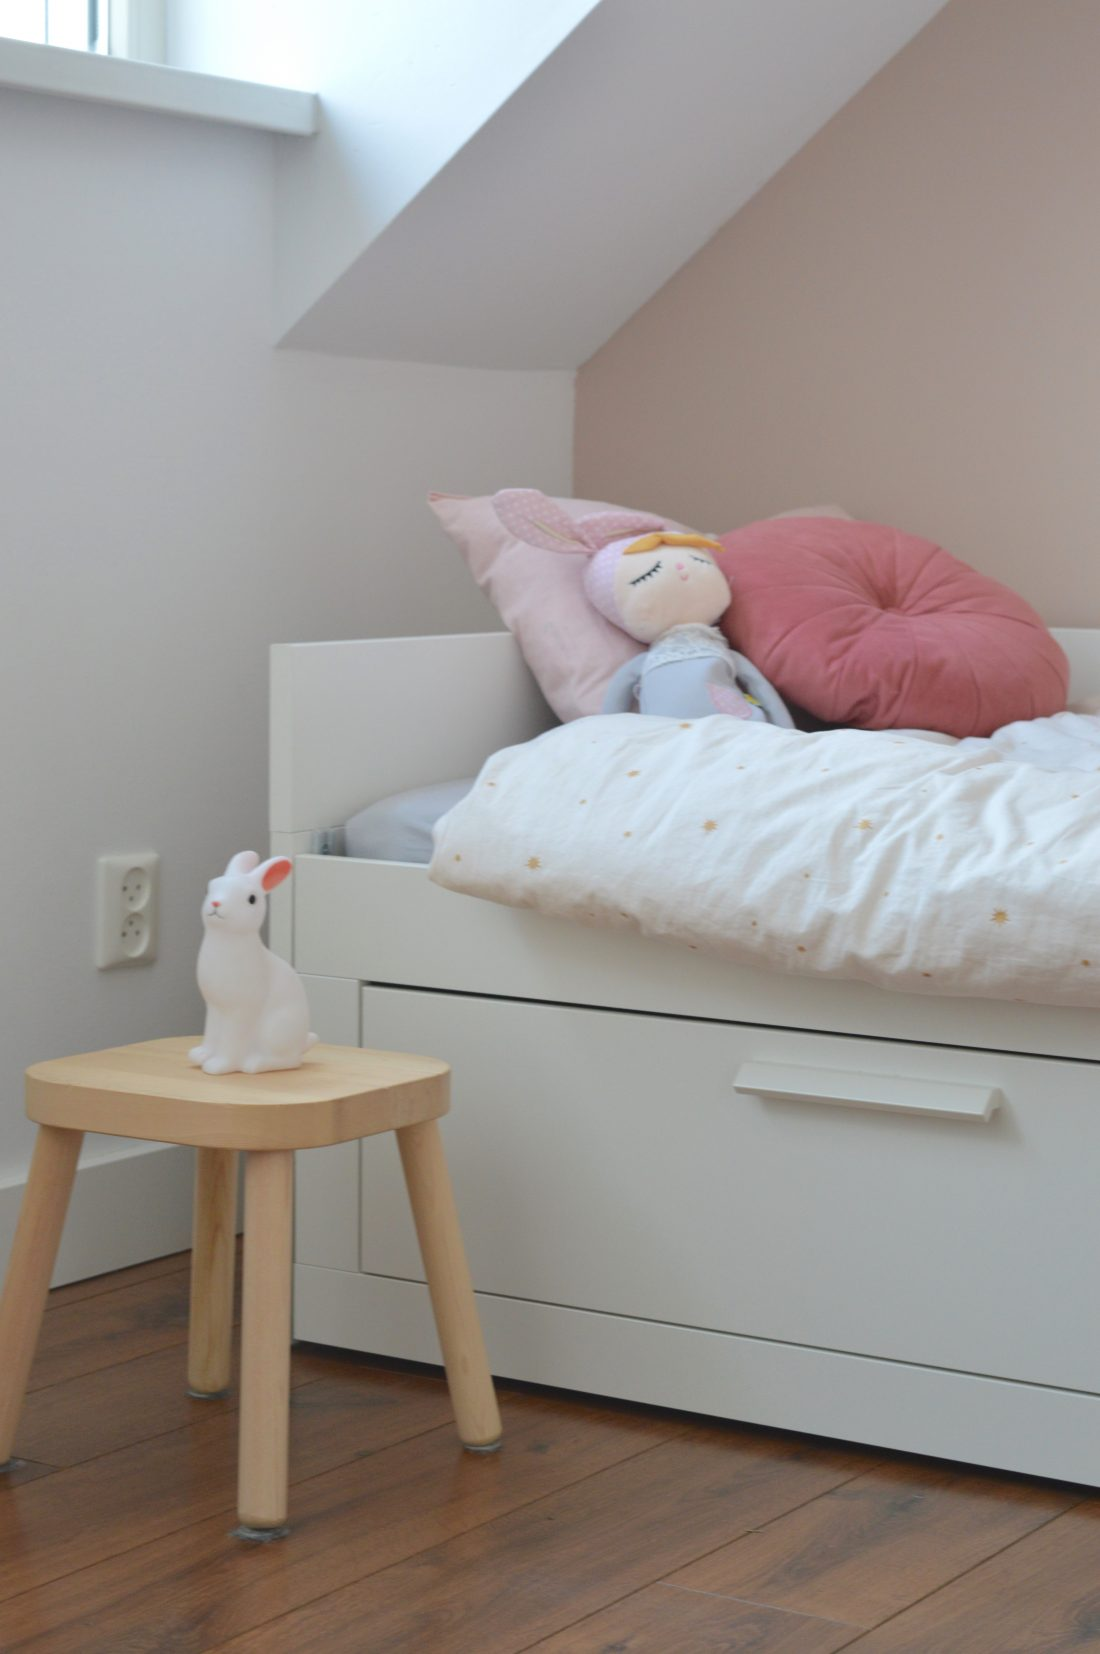 Groot Bed Kopen.Een Peuterkamer Met Een Groot Bed L Eeffstijl